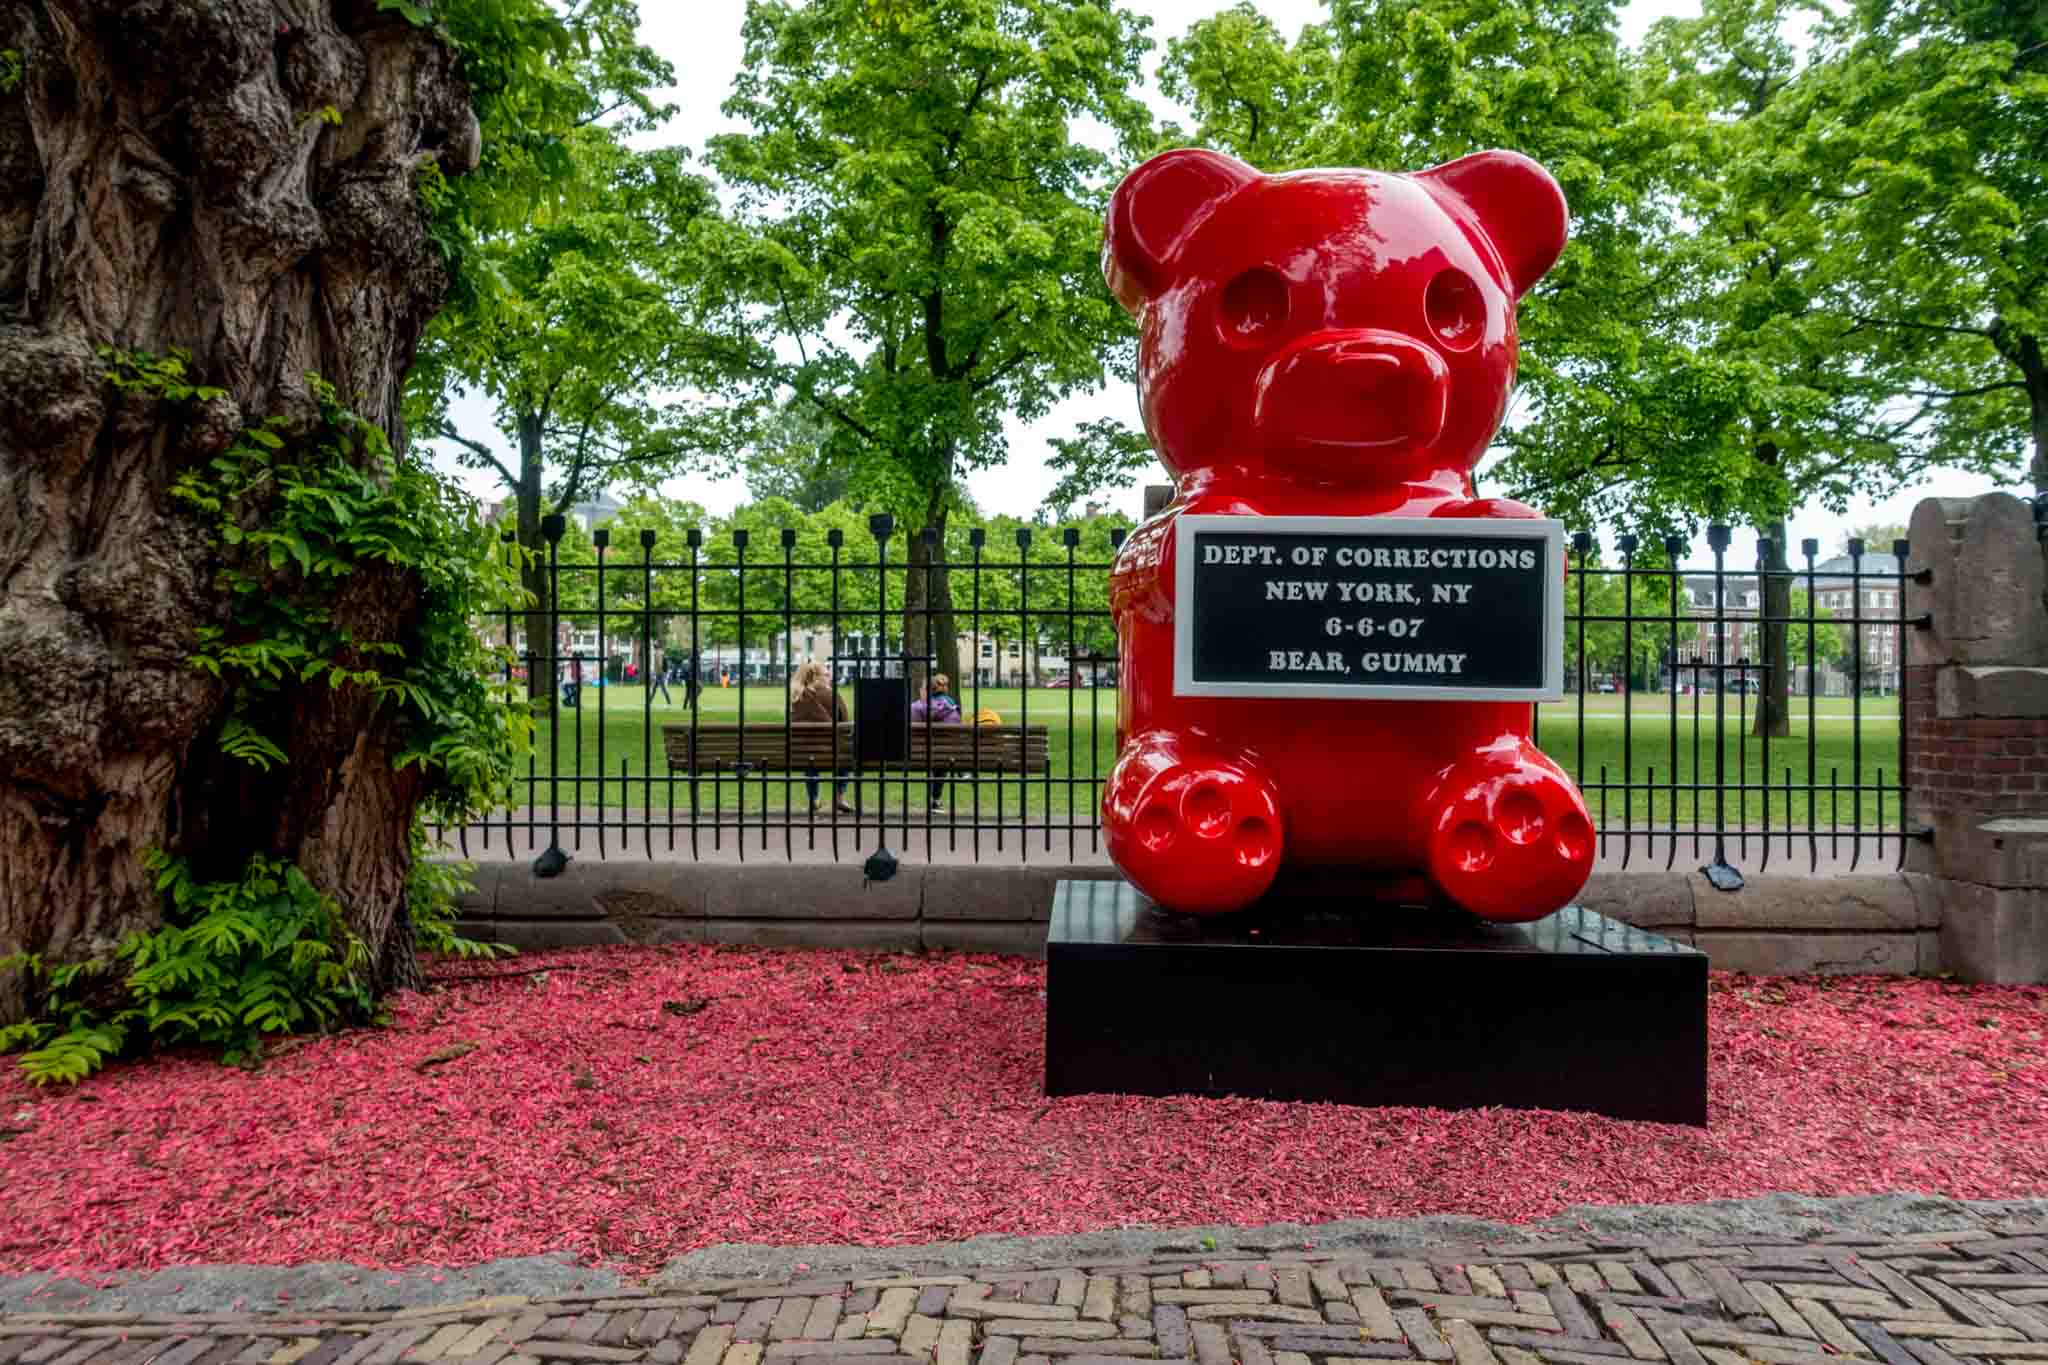 Red gummy bear statue holding a mug shot plaque